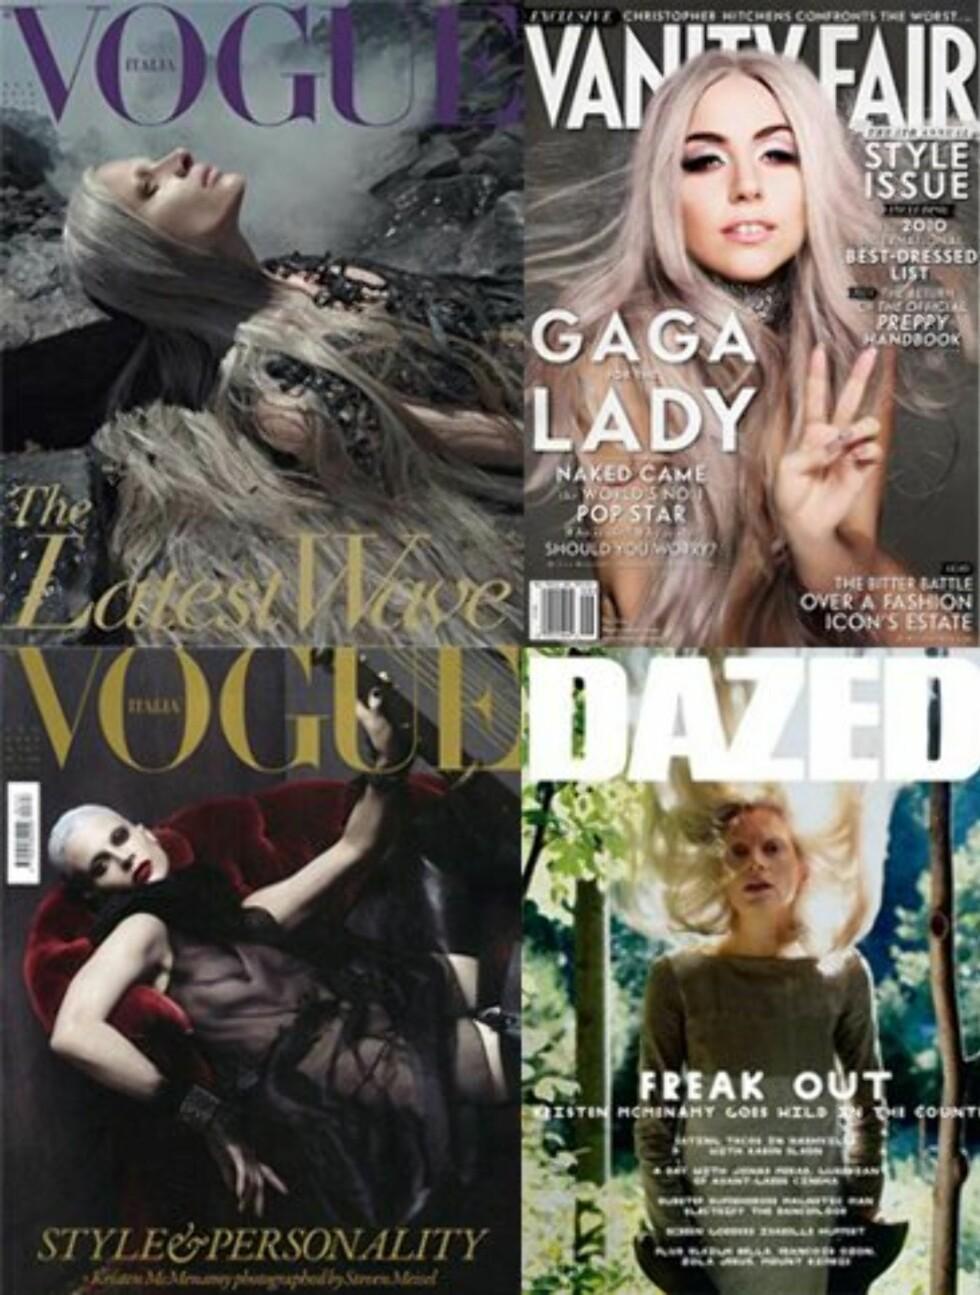 PÅ COVER MED GRÅTT HÅR: Supermodell Kristen McMenamy (t.v) og Lady Gaga på cover av ulike magasiner med grått hår.  Foto: Faksimile Vogue/Dazed